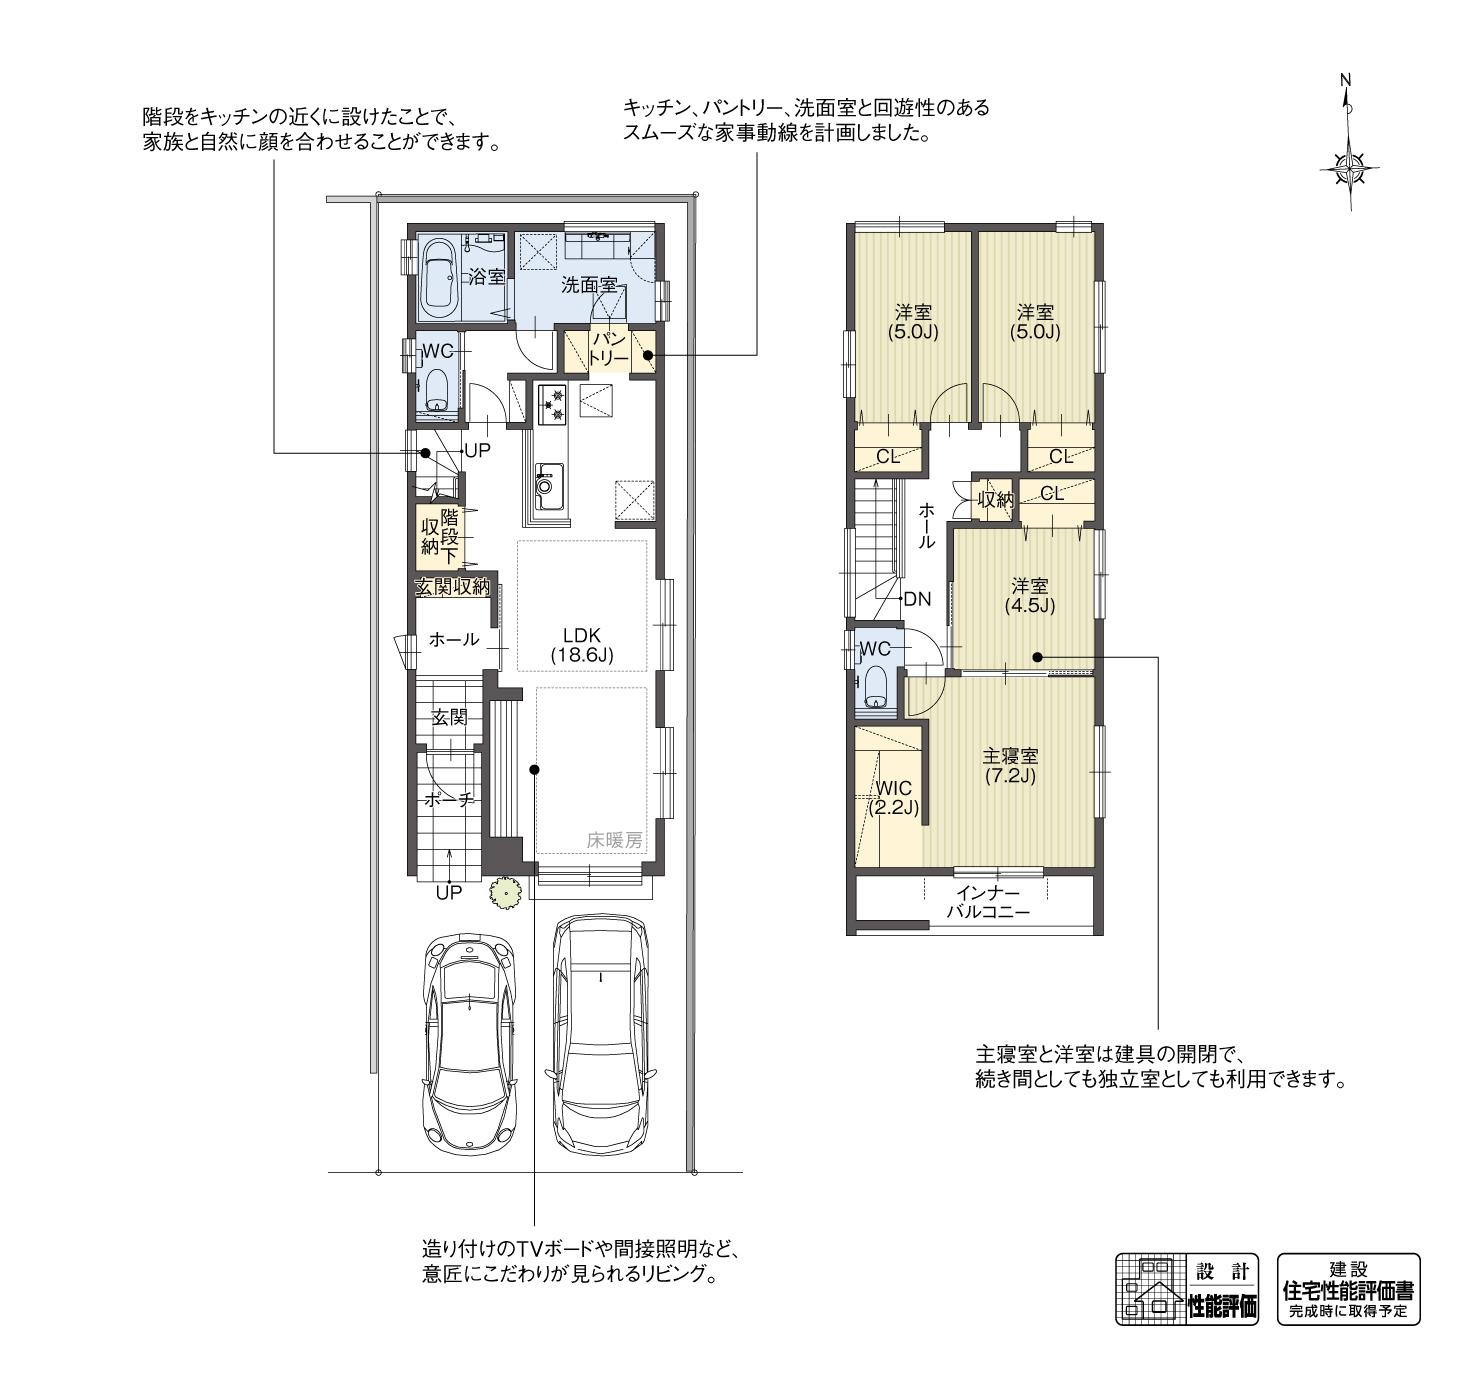 5_間取図_plan3_東海市中央町